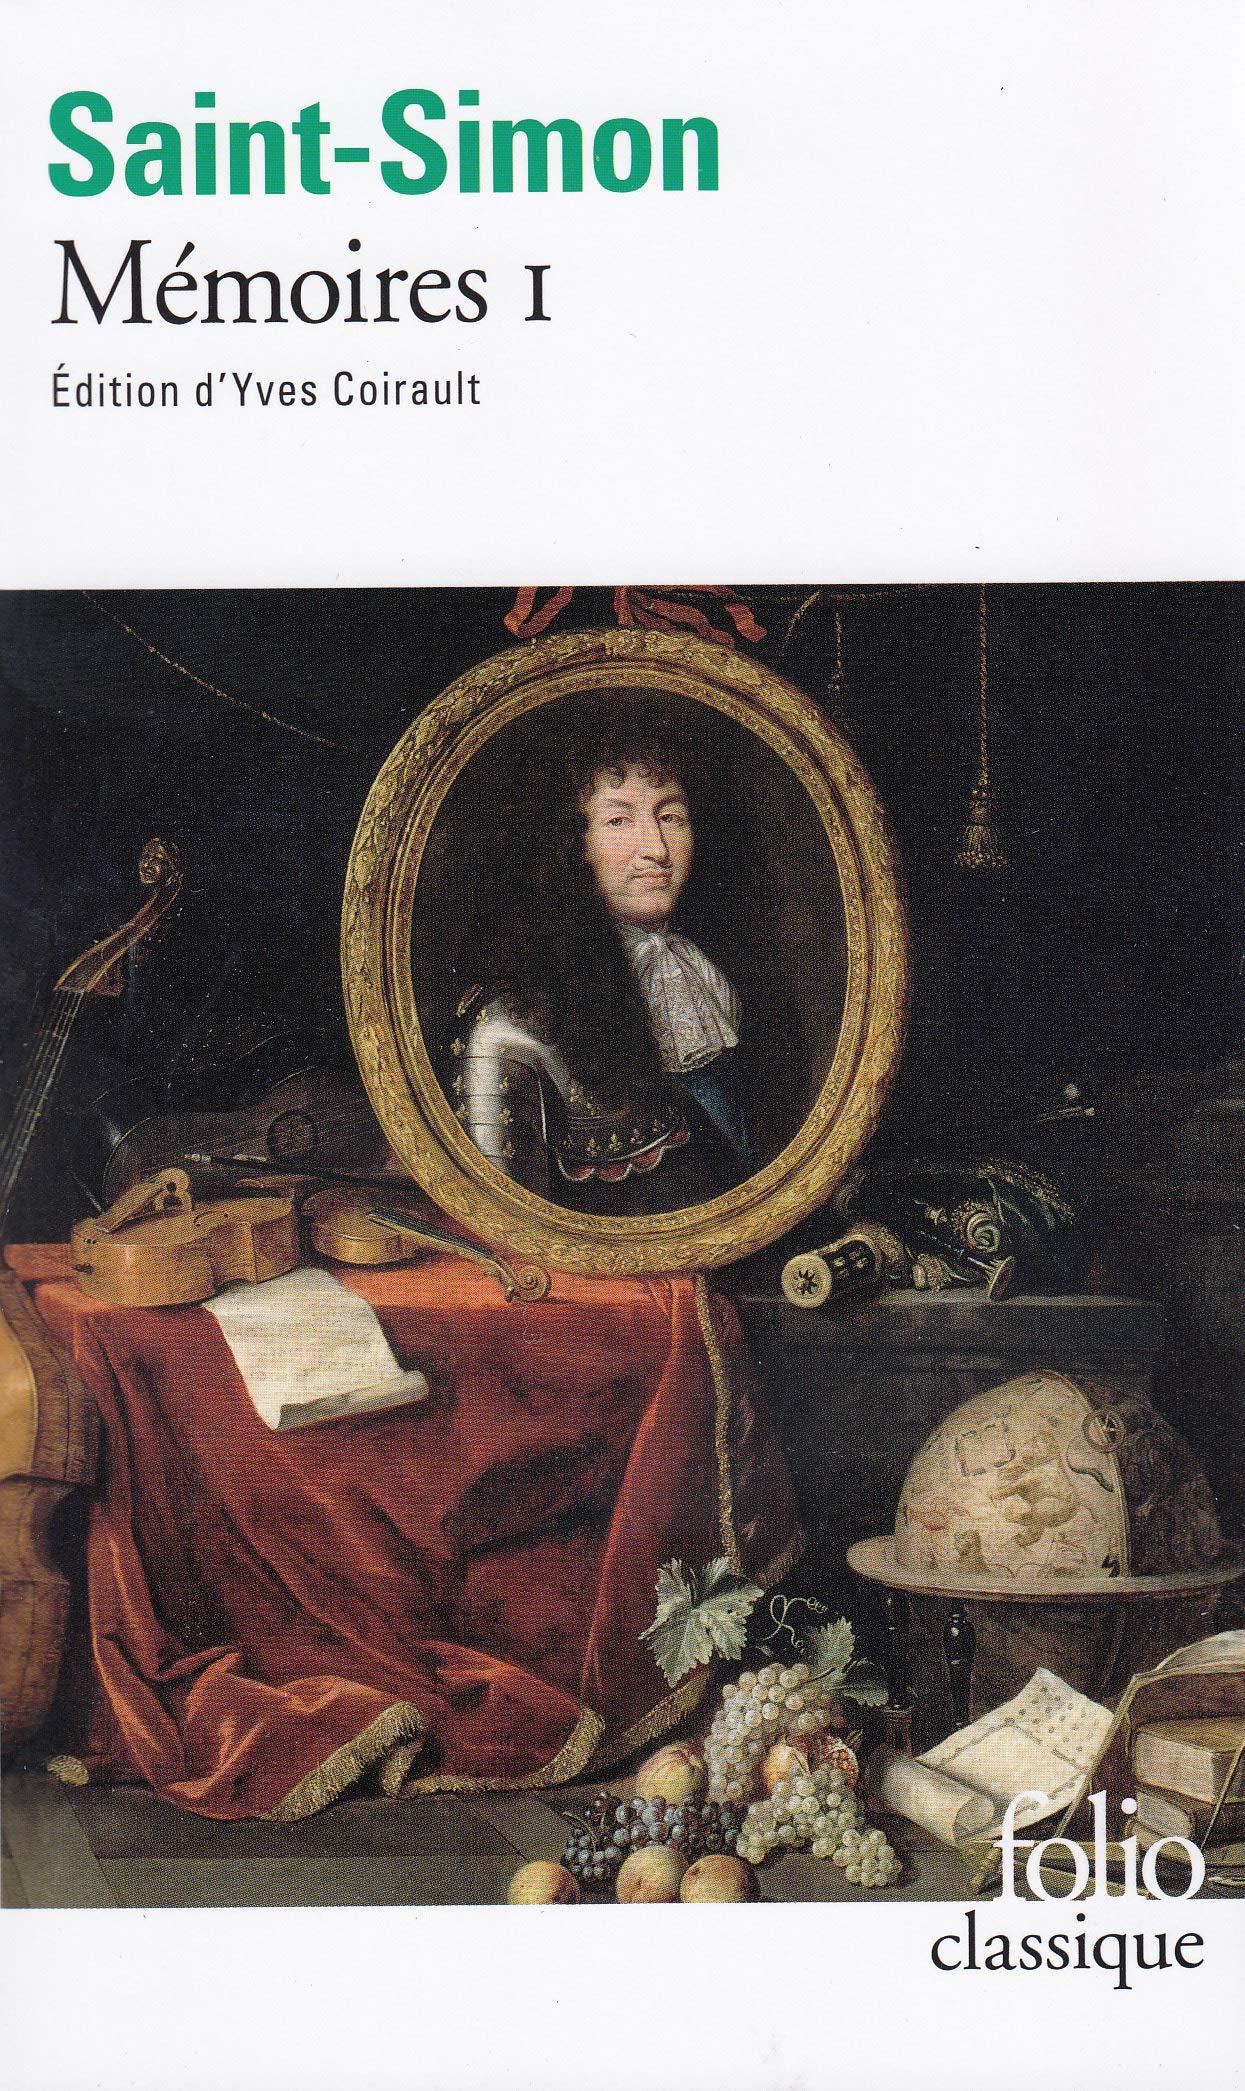 Amazon.fr - Mémoires, tome 1 - Saint-Simon, Coirault, Yves - Livres